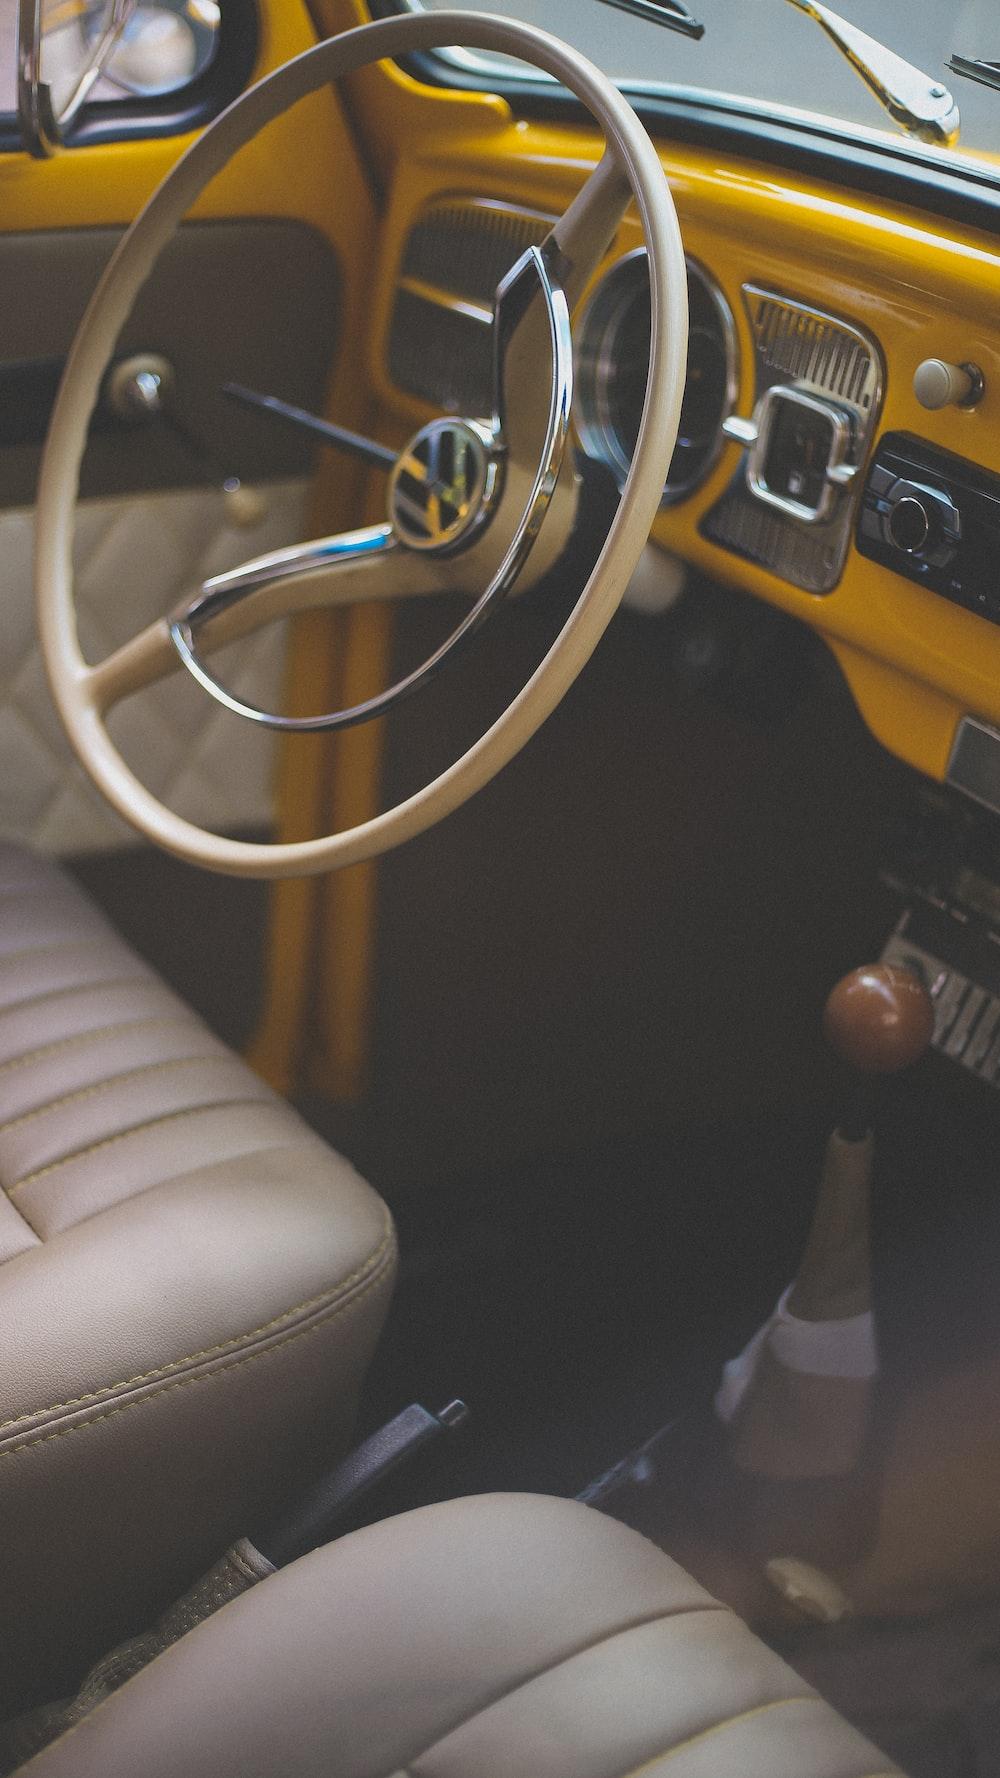 macro shot of Volkswagen steering wheel